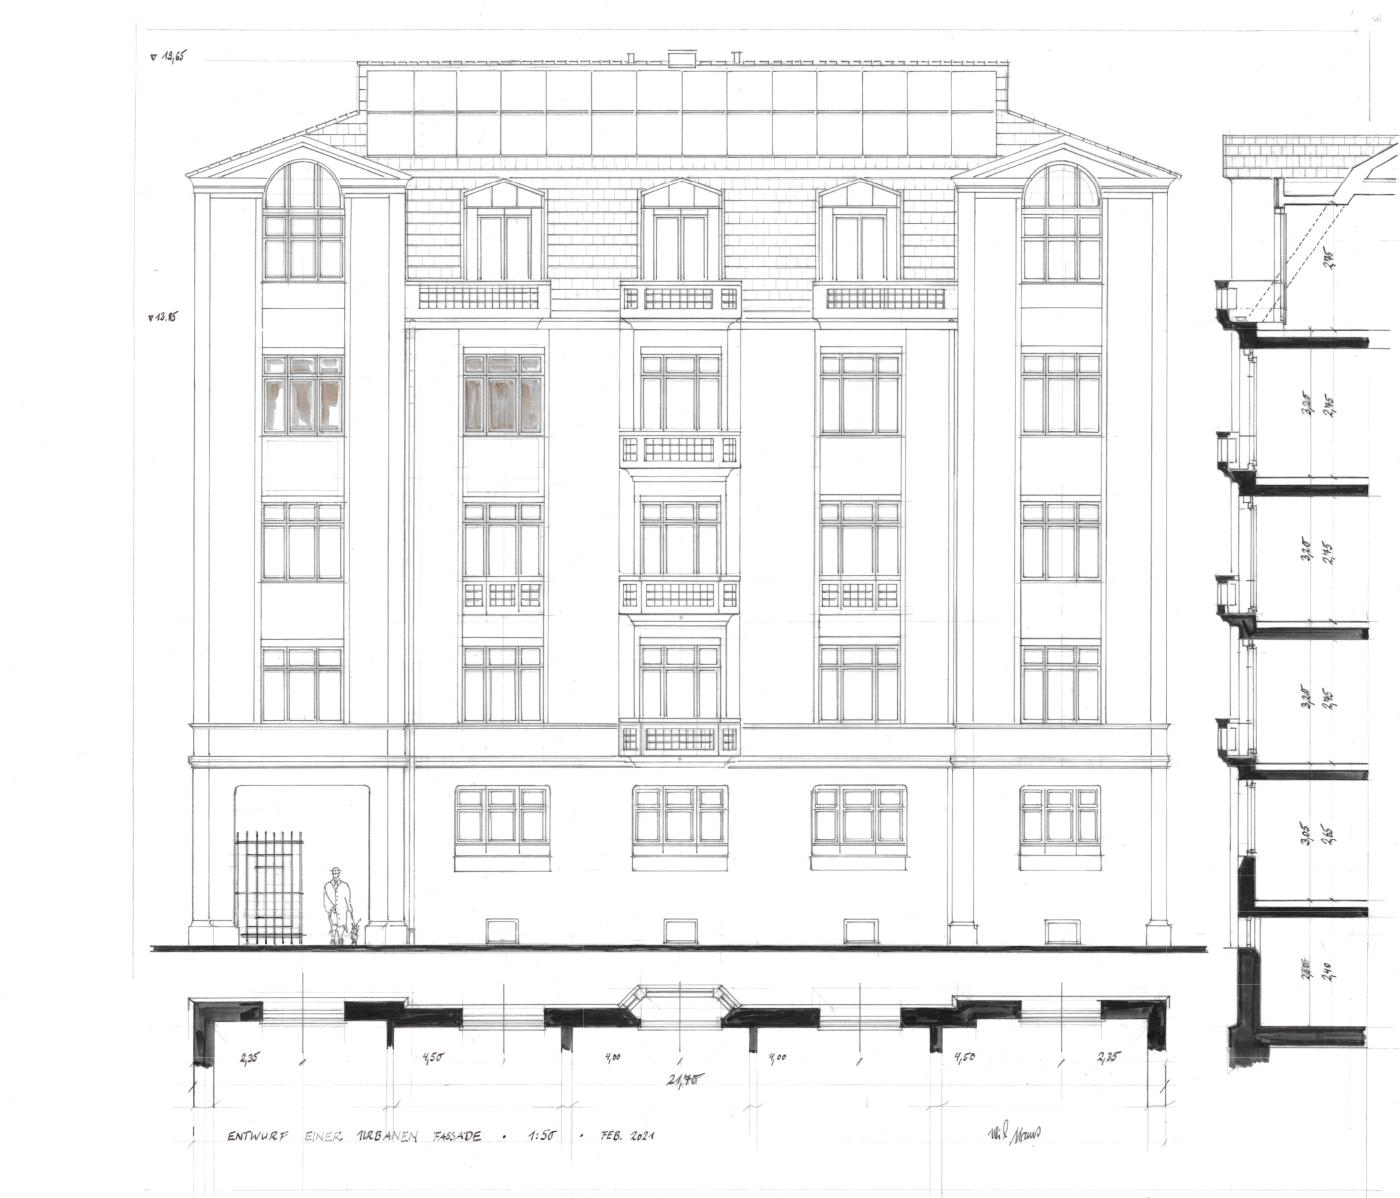 Skizze einer urbanen Fassade im Maßstab 1:50